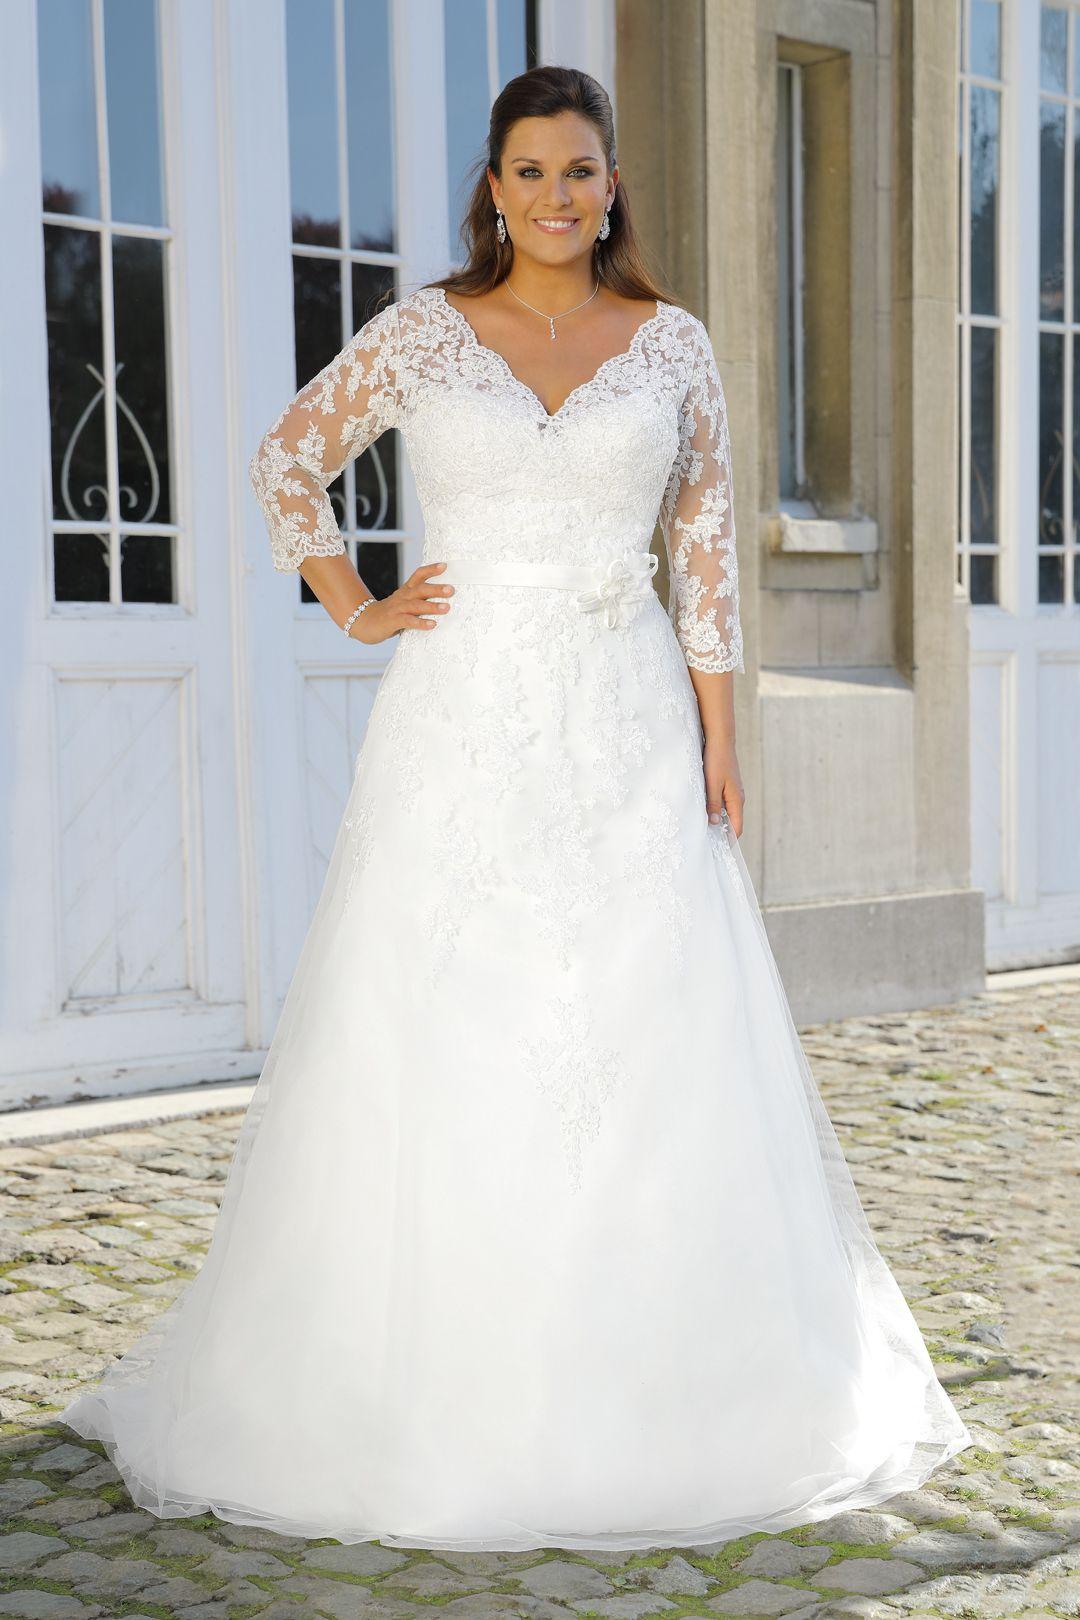 Brautkleider Grosse Grossen 2019 Erhaltlich Bei Bosckens In Erkelenz Kleider Hochzeit Brautmode Brautkleid